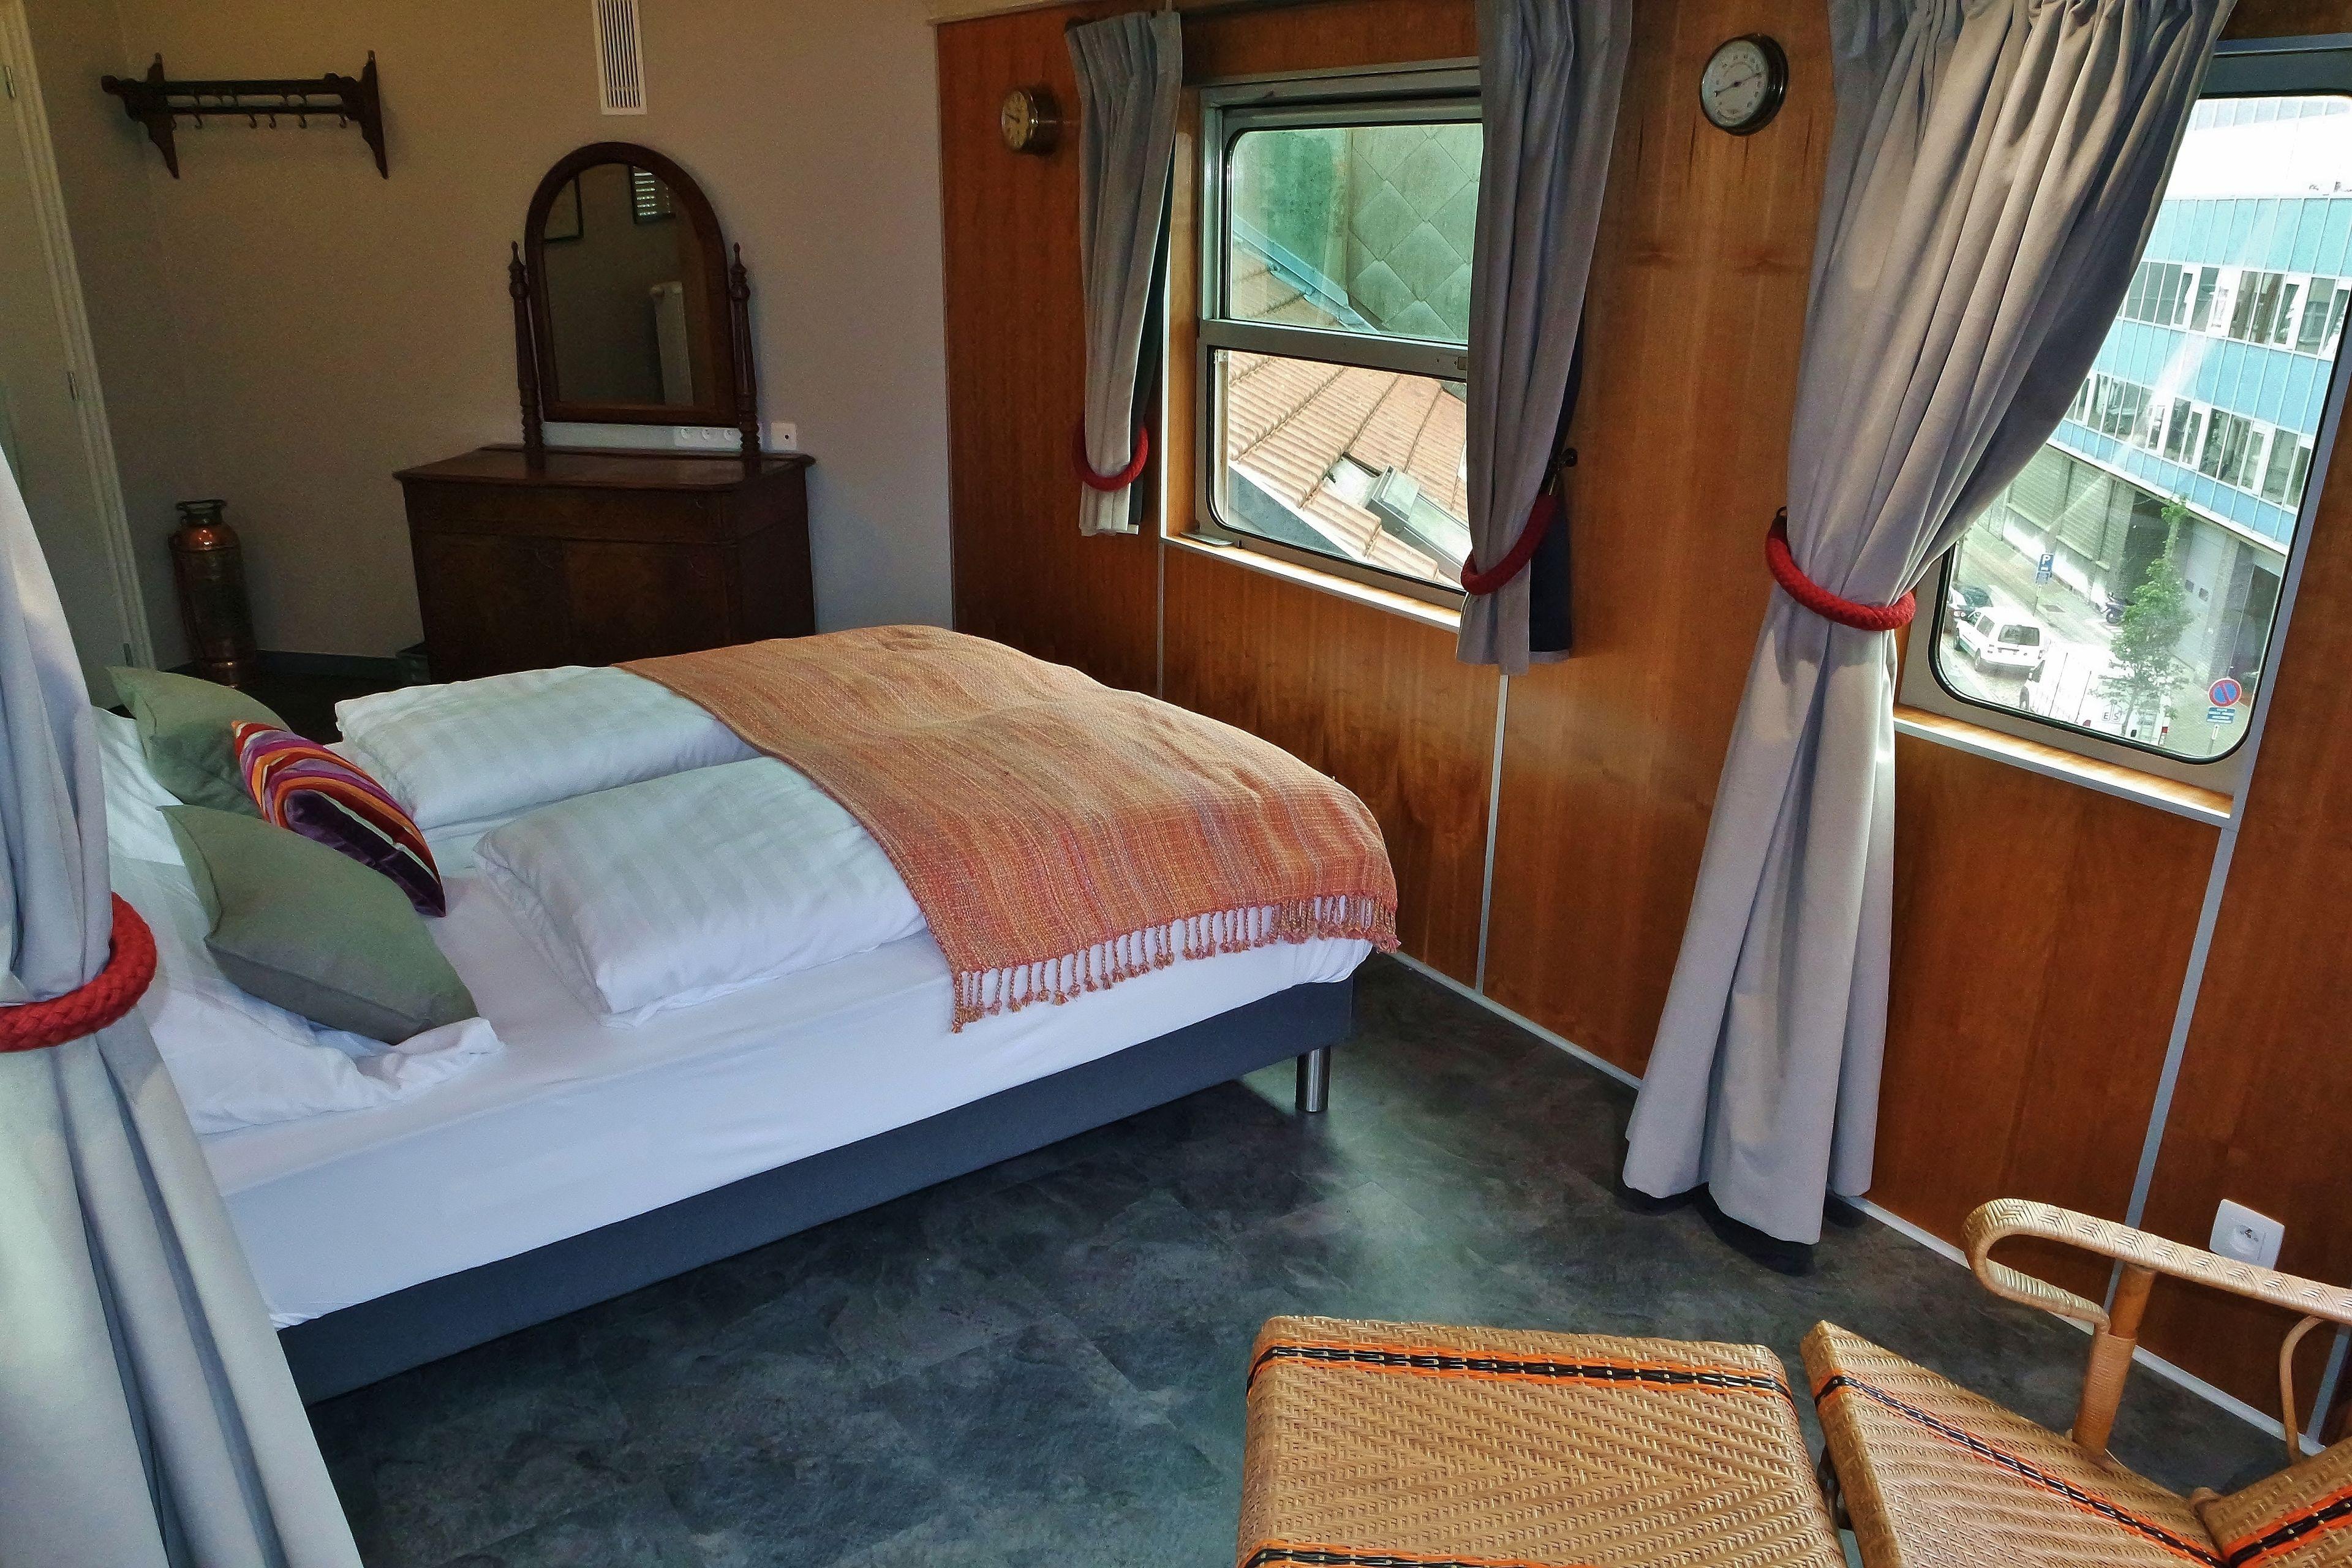 Courtesy of Train Hostel / Expedia.com